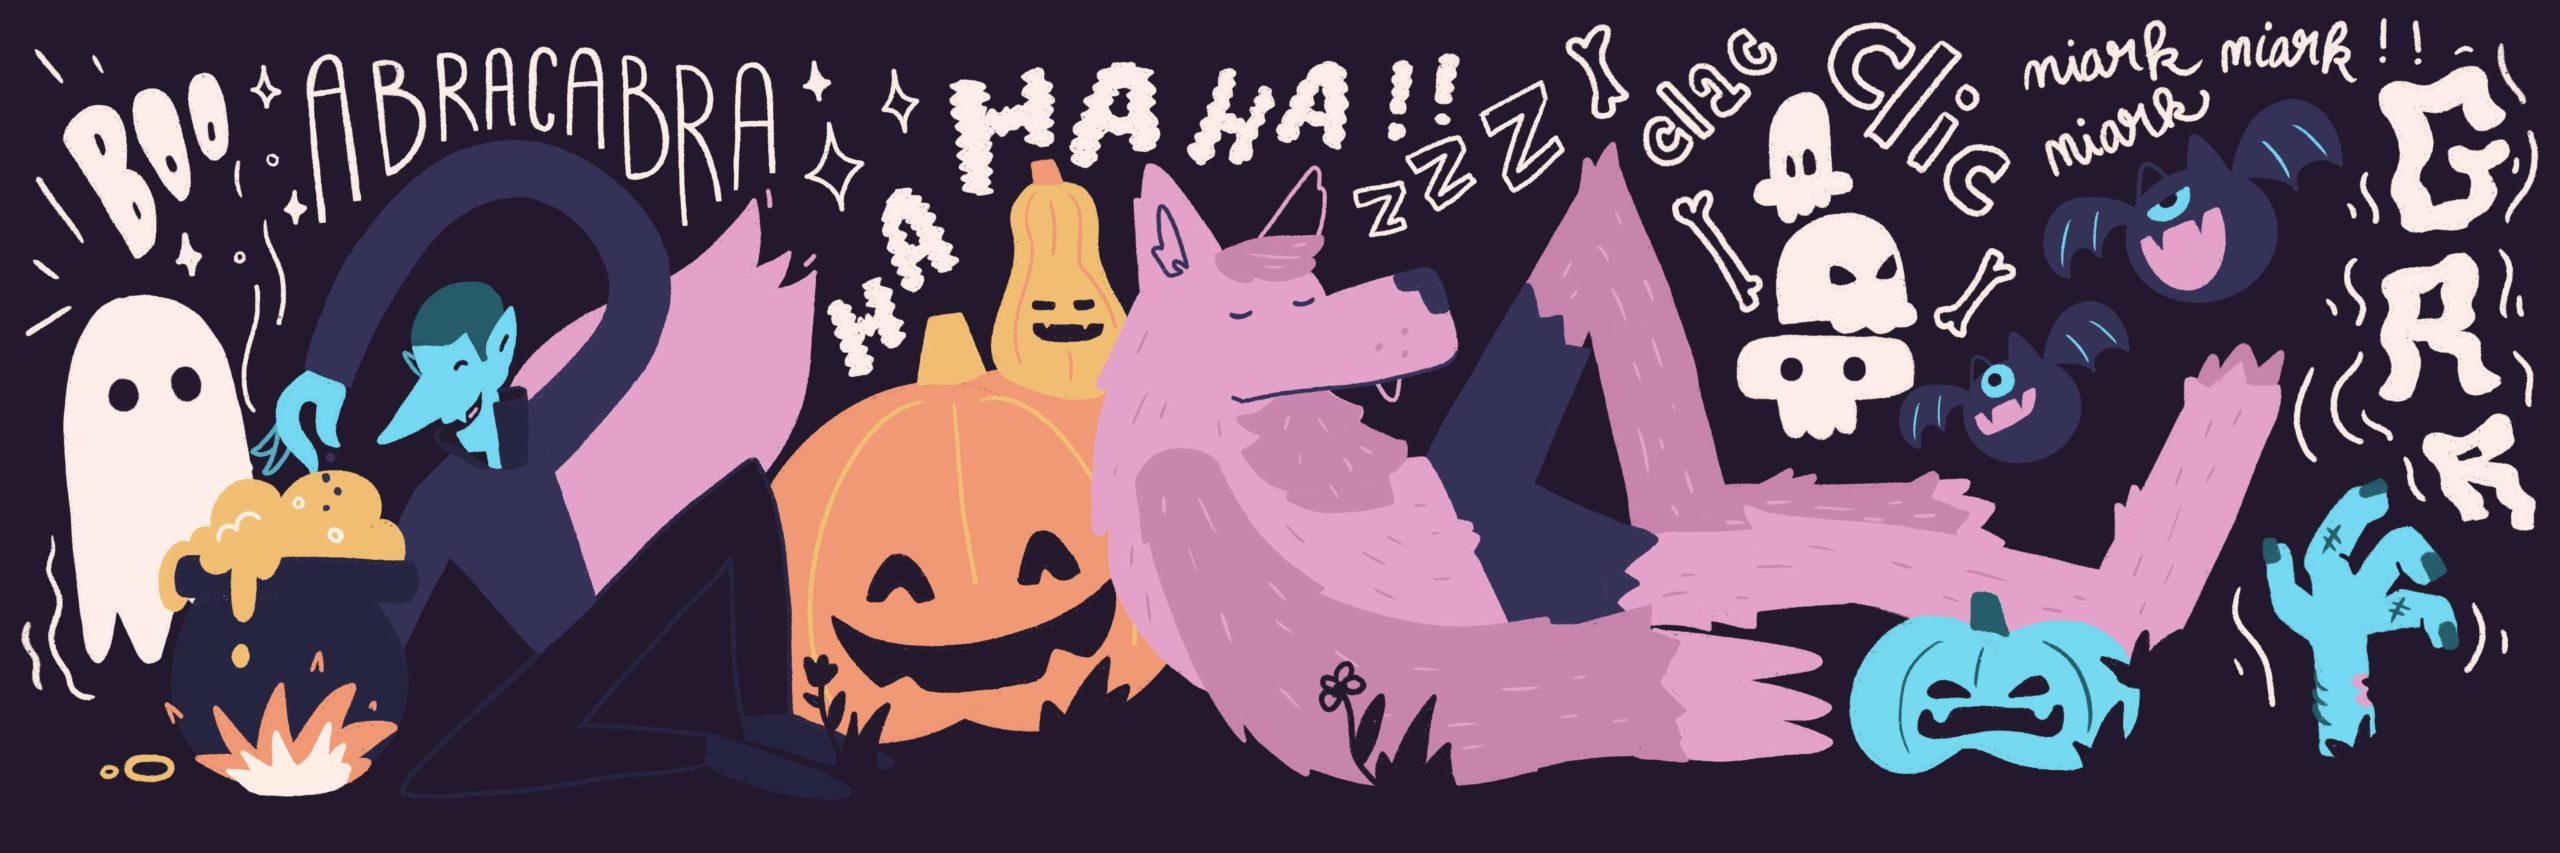 Illustration_Halloween-1